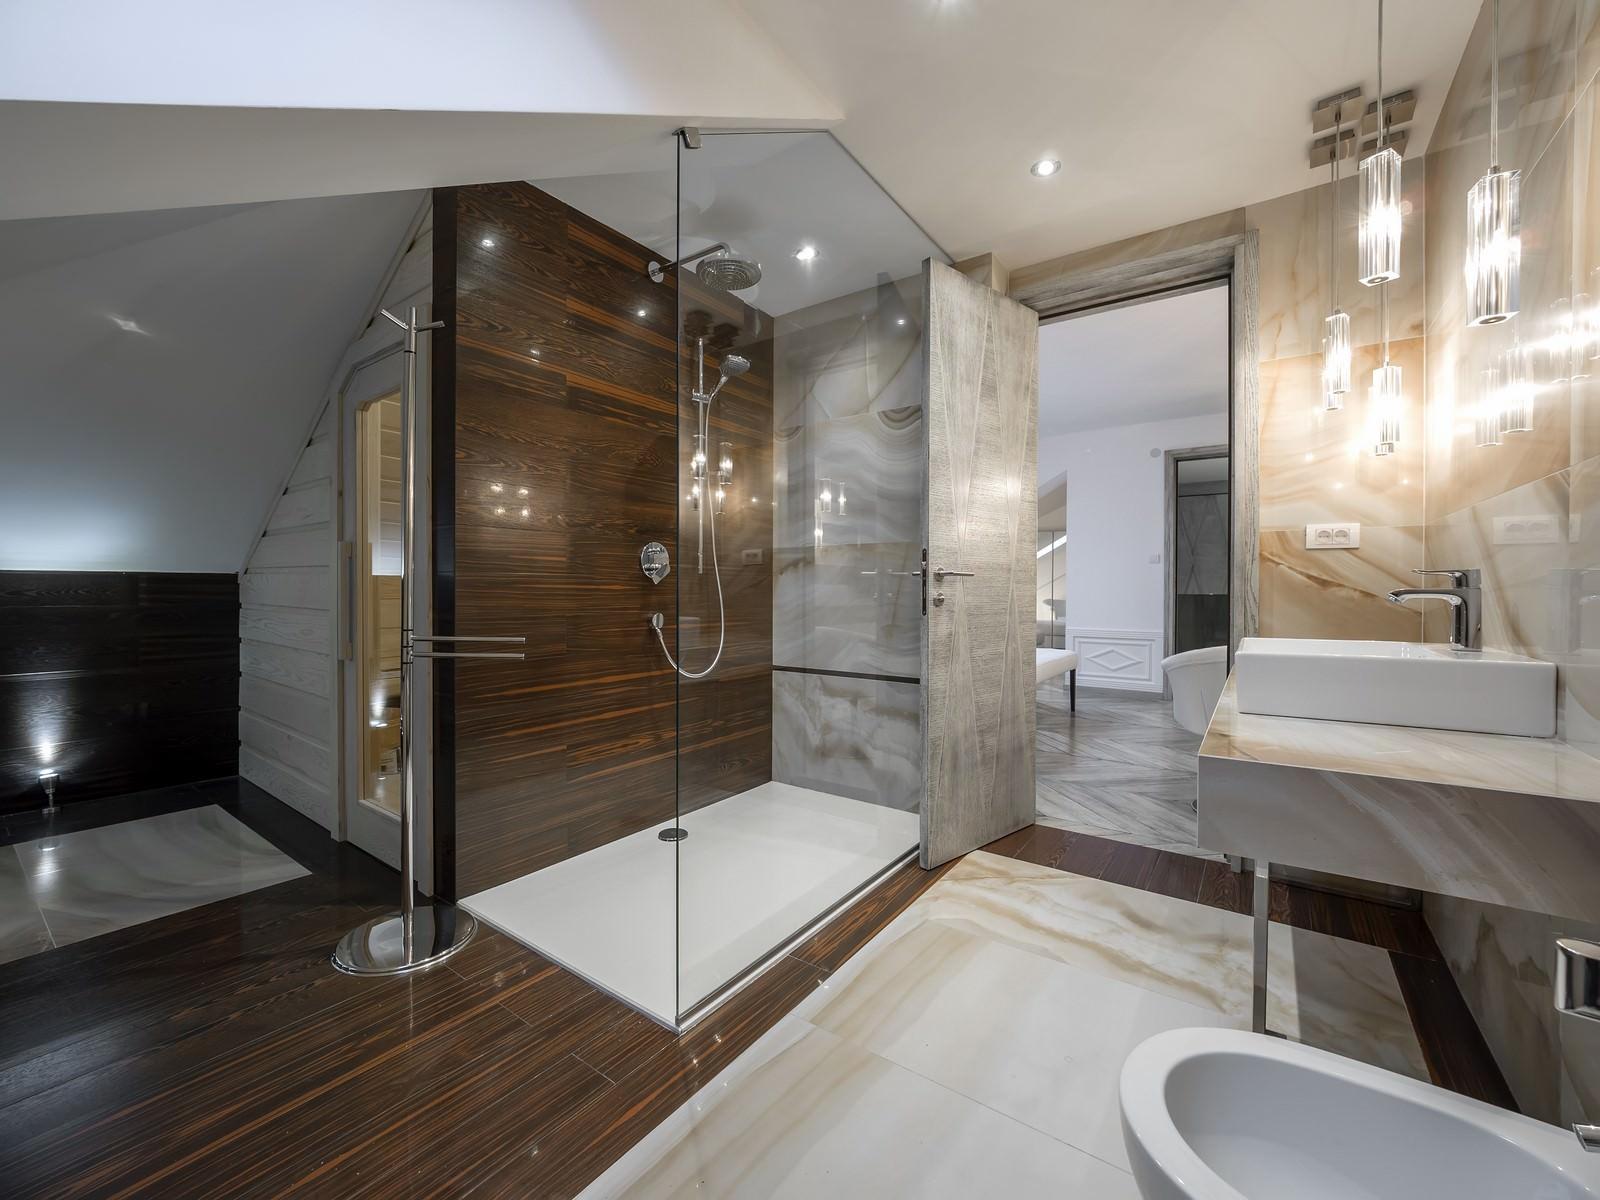 tanguy salle de bain salle d eau wc